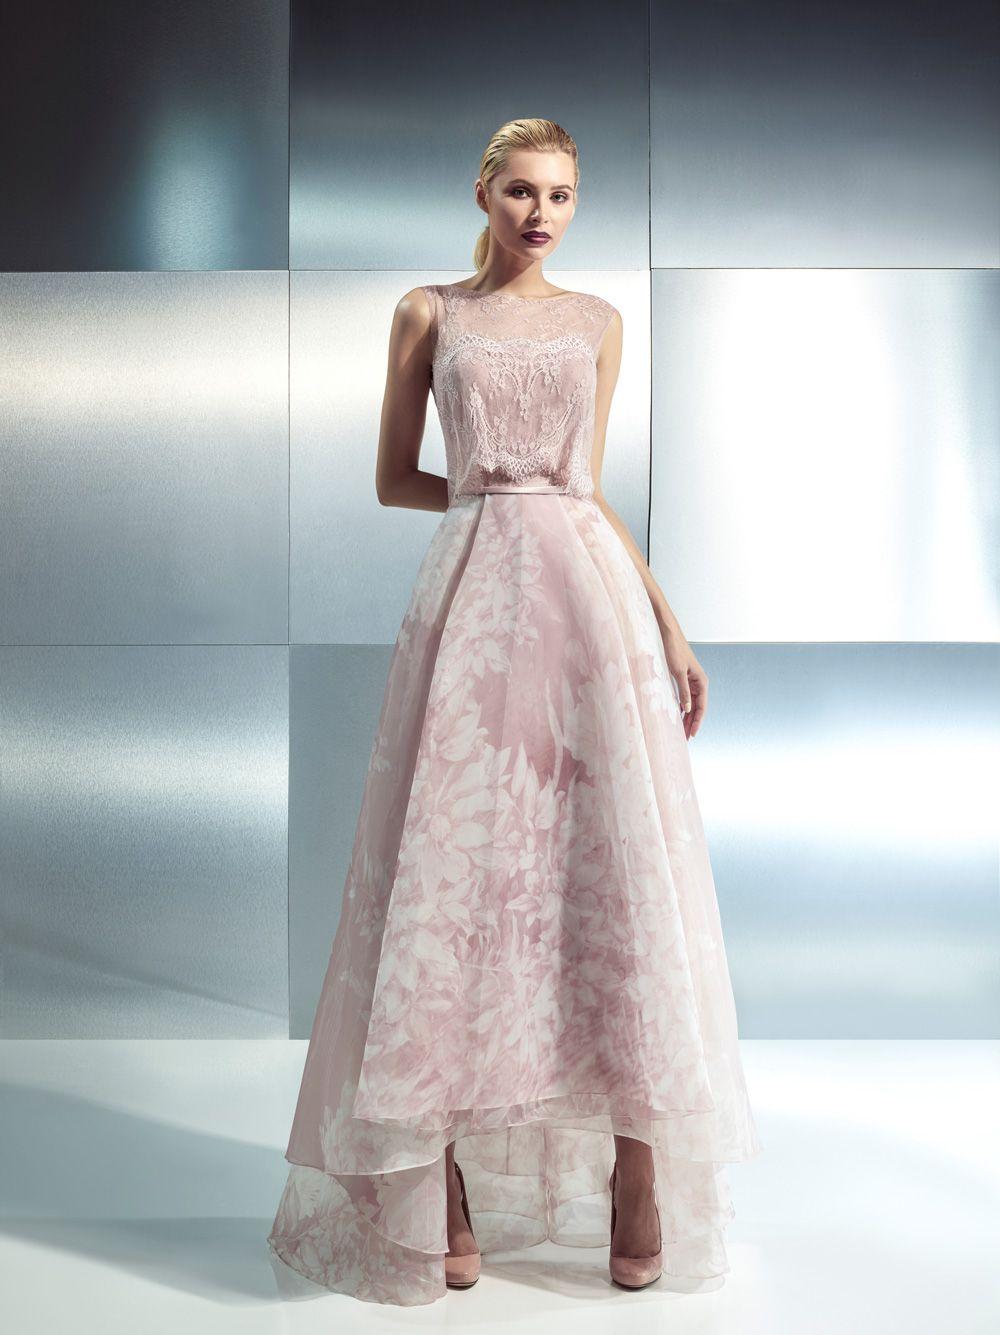 5705a0021290 abito da sposa abito in pizzo chantilly e organza stampata floreale nelle  tonalità pink. CH 1642 - Sposa D Este